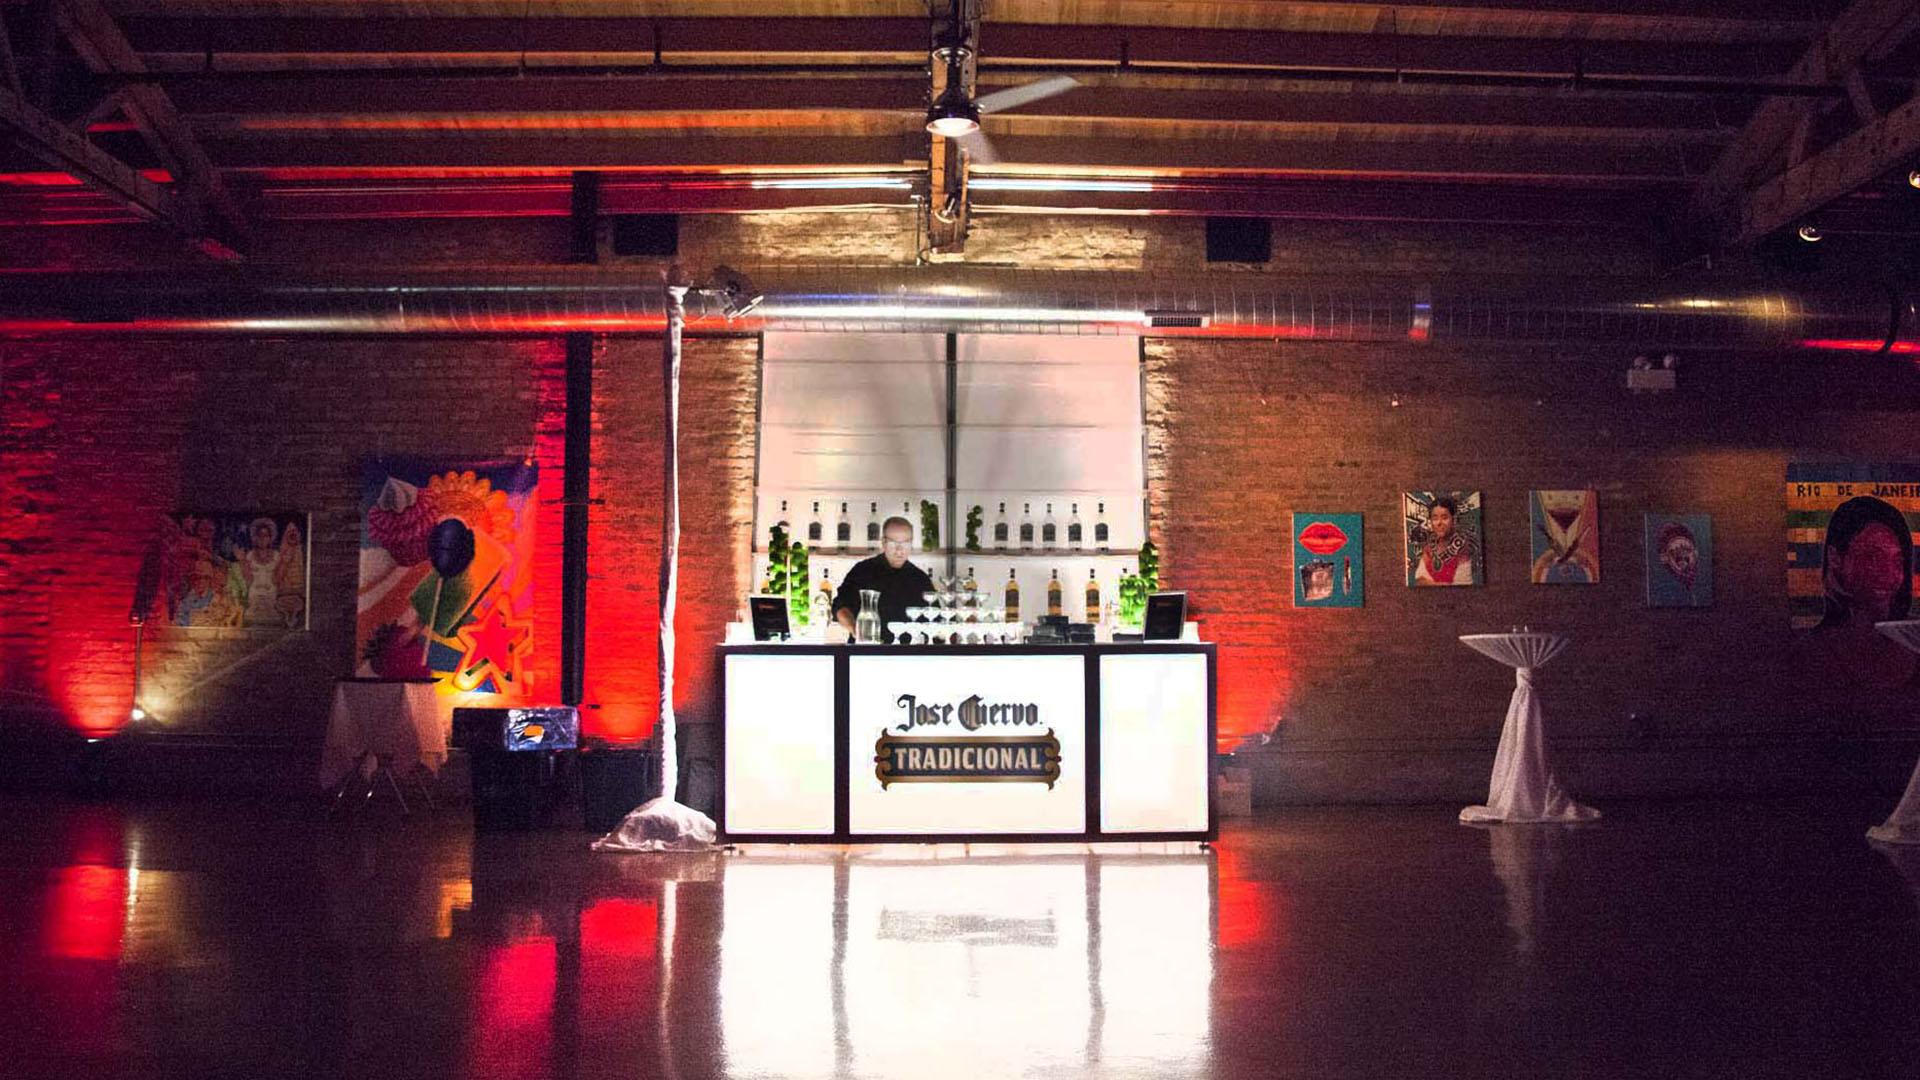 Liquor - Liquor sponsored events